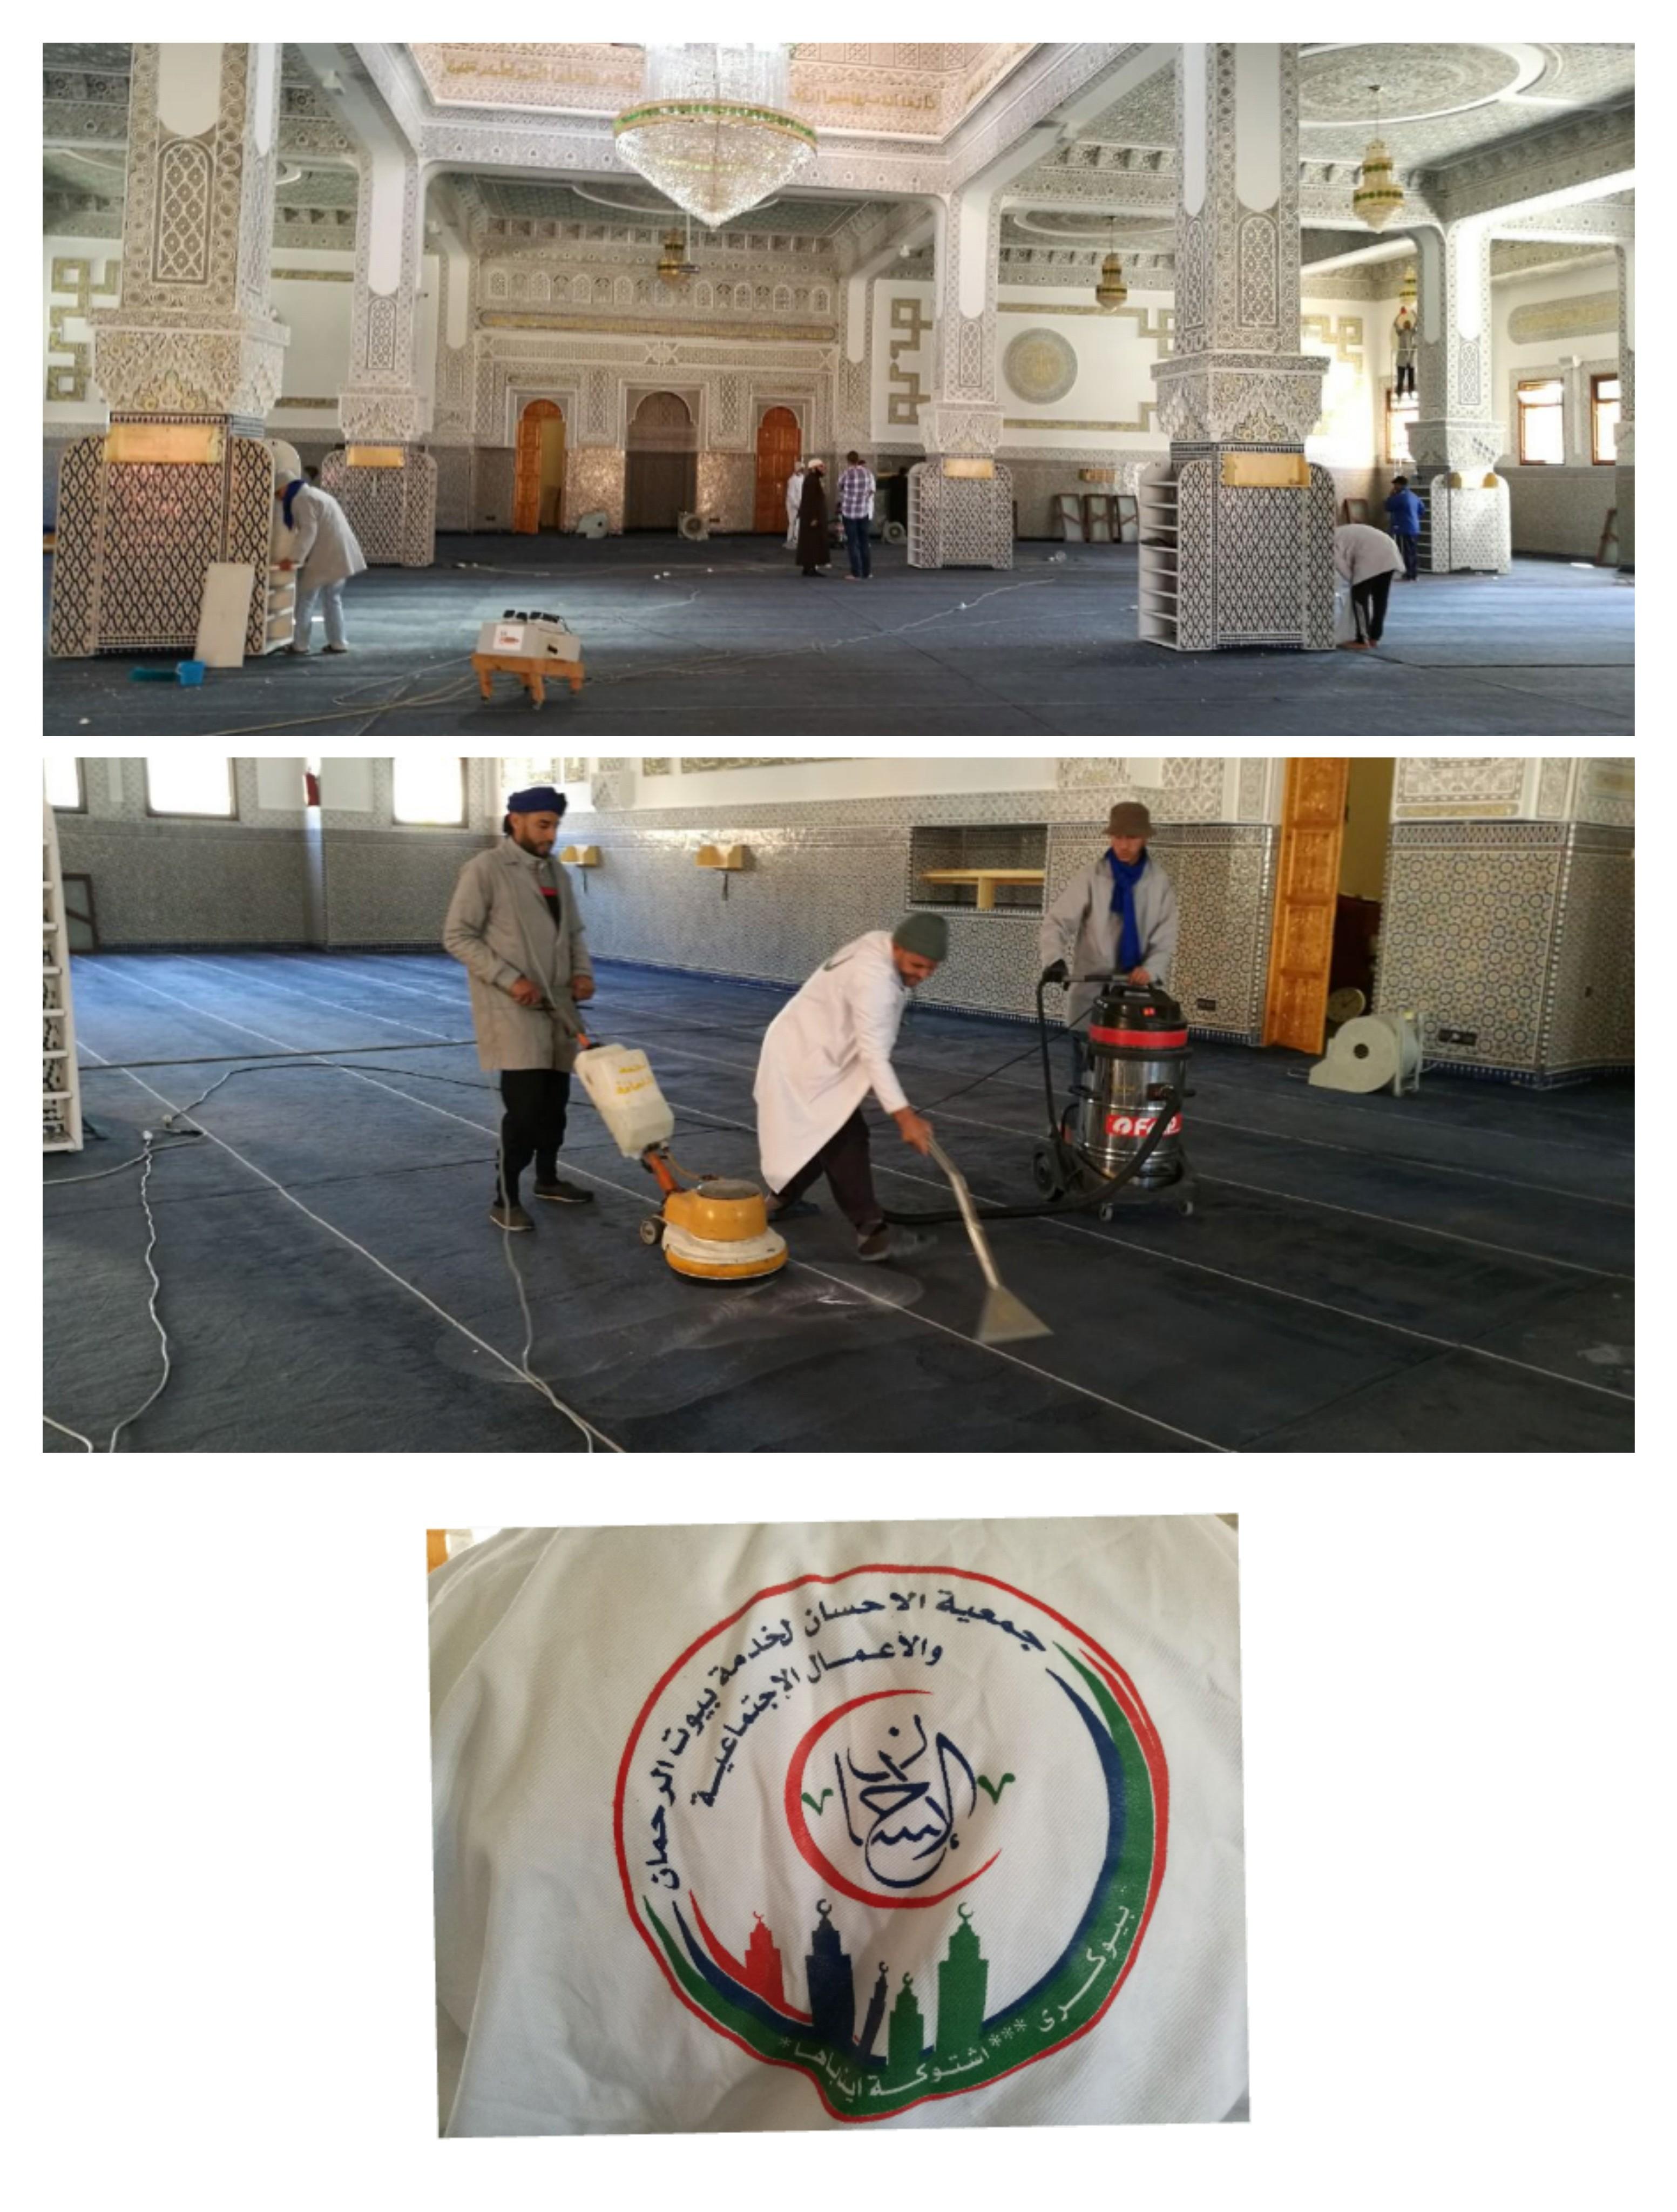 جمعية متخصصة في خدمة بيوت الله تحل بتيزنيت